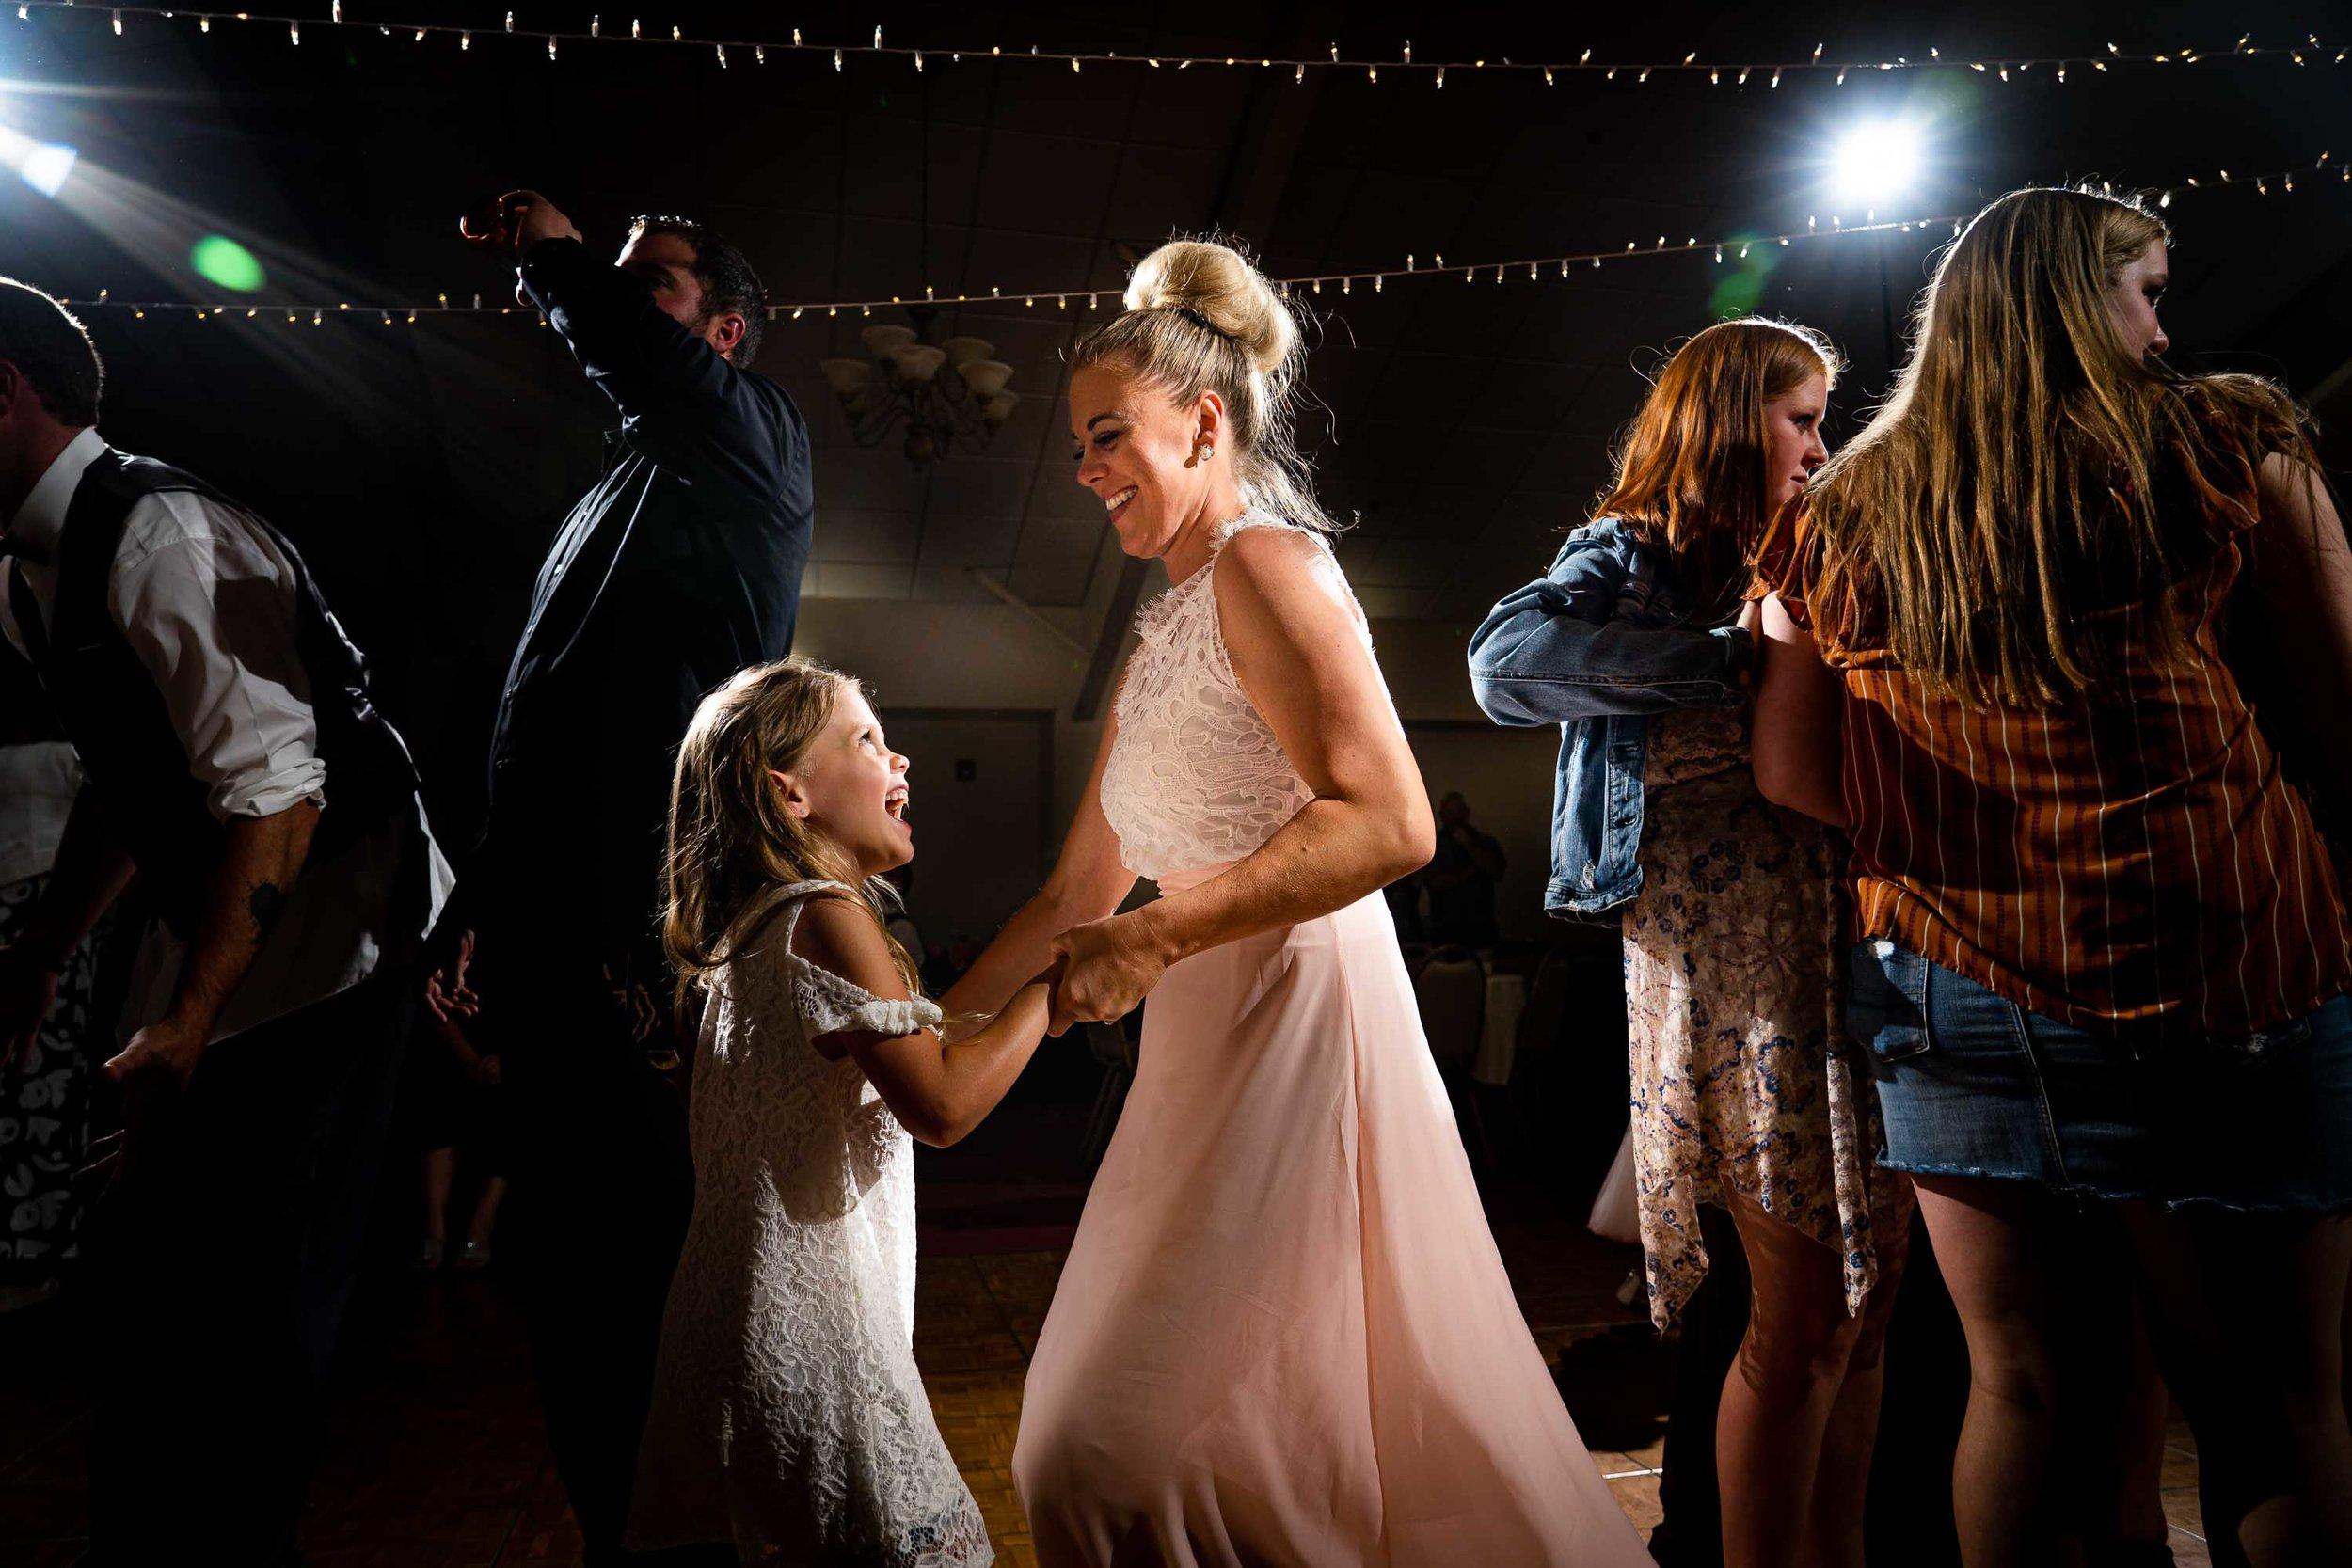 Kelsie_Nick_Ouray_Wedding-243.jpg